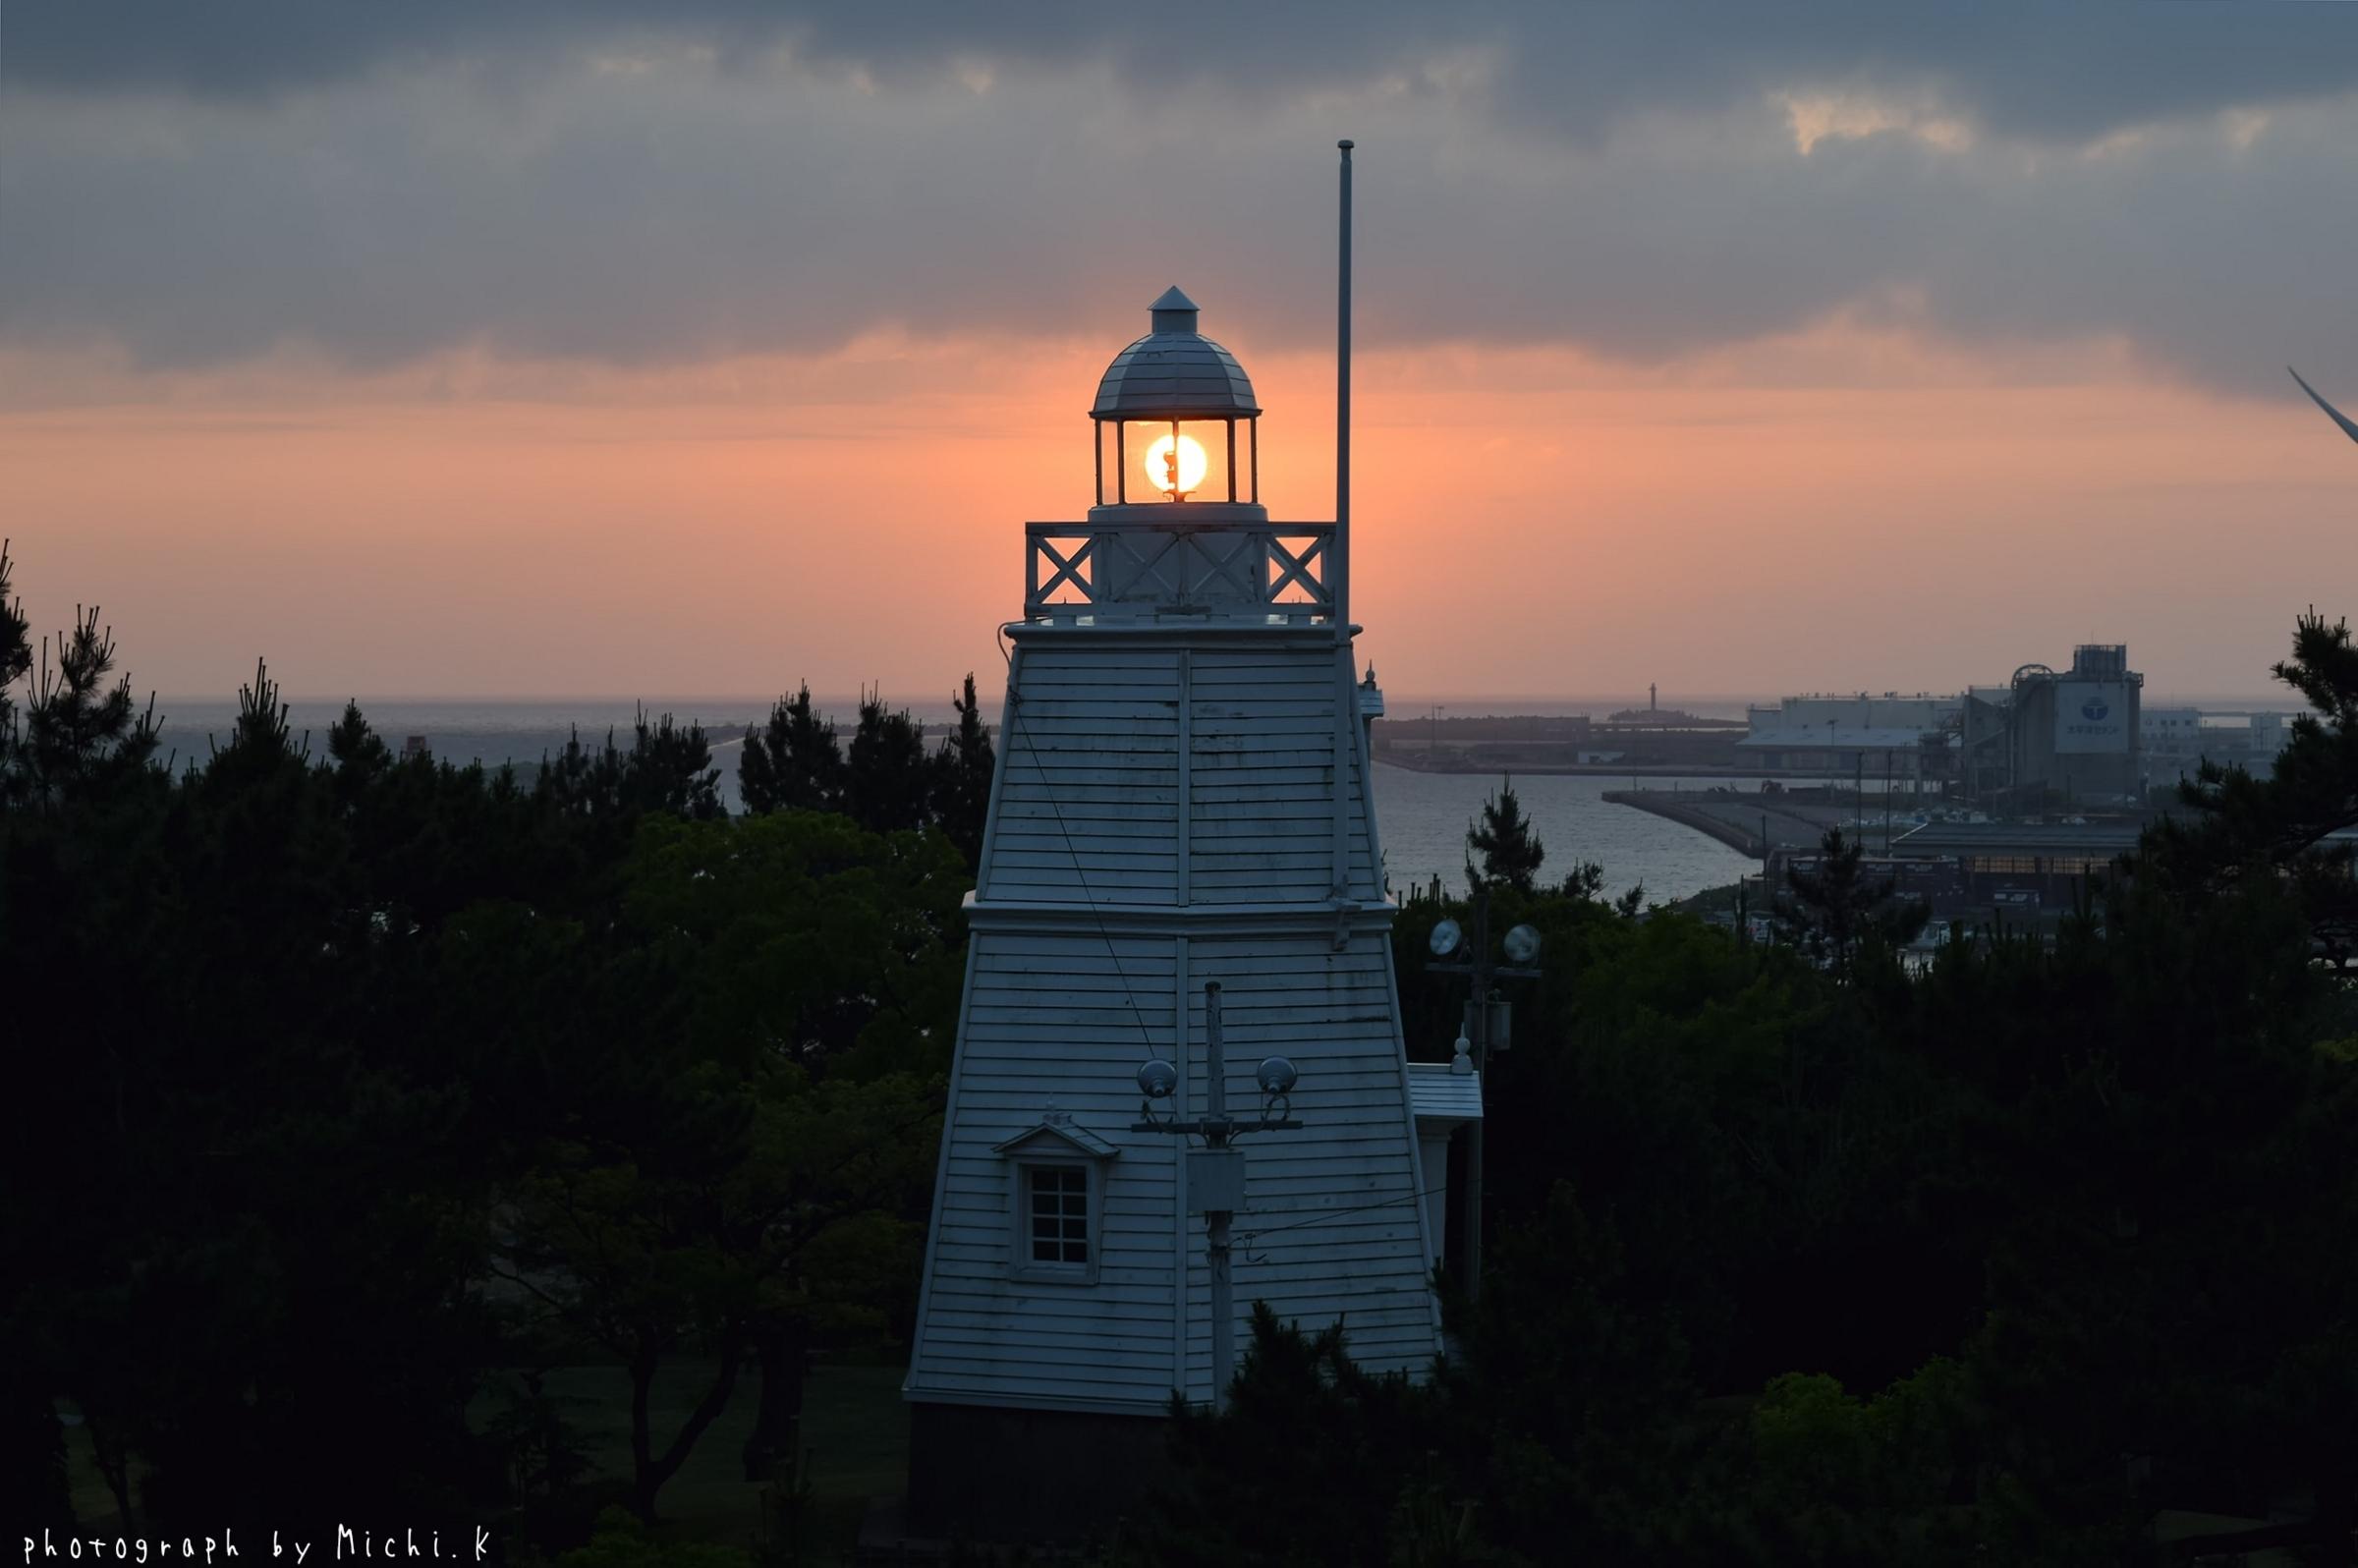 2018年夏至の日の日和山六角灯台(その3)